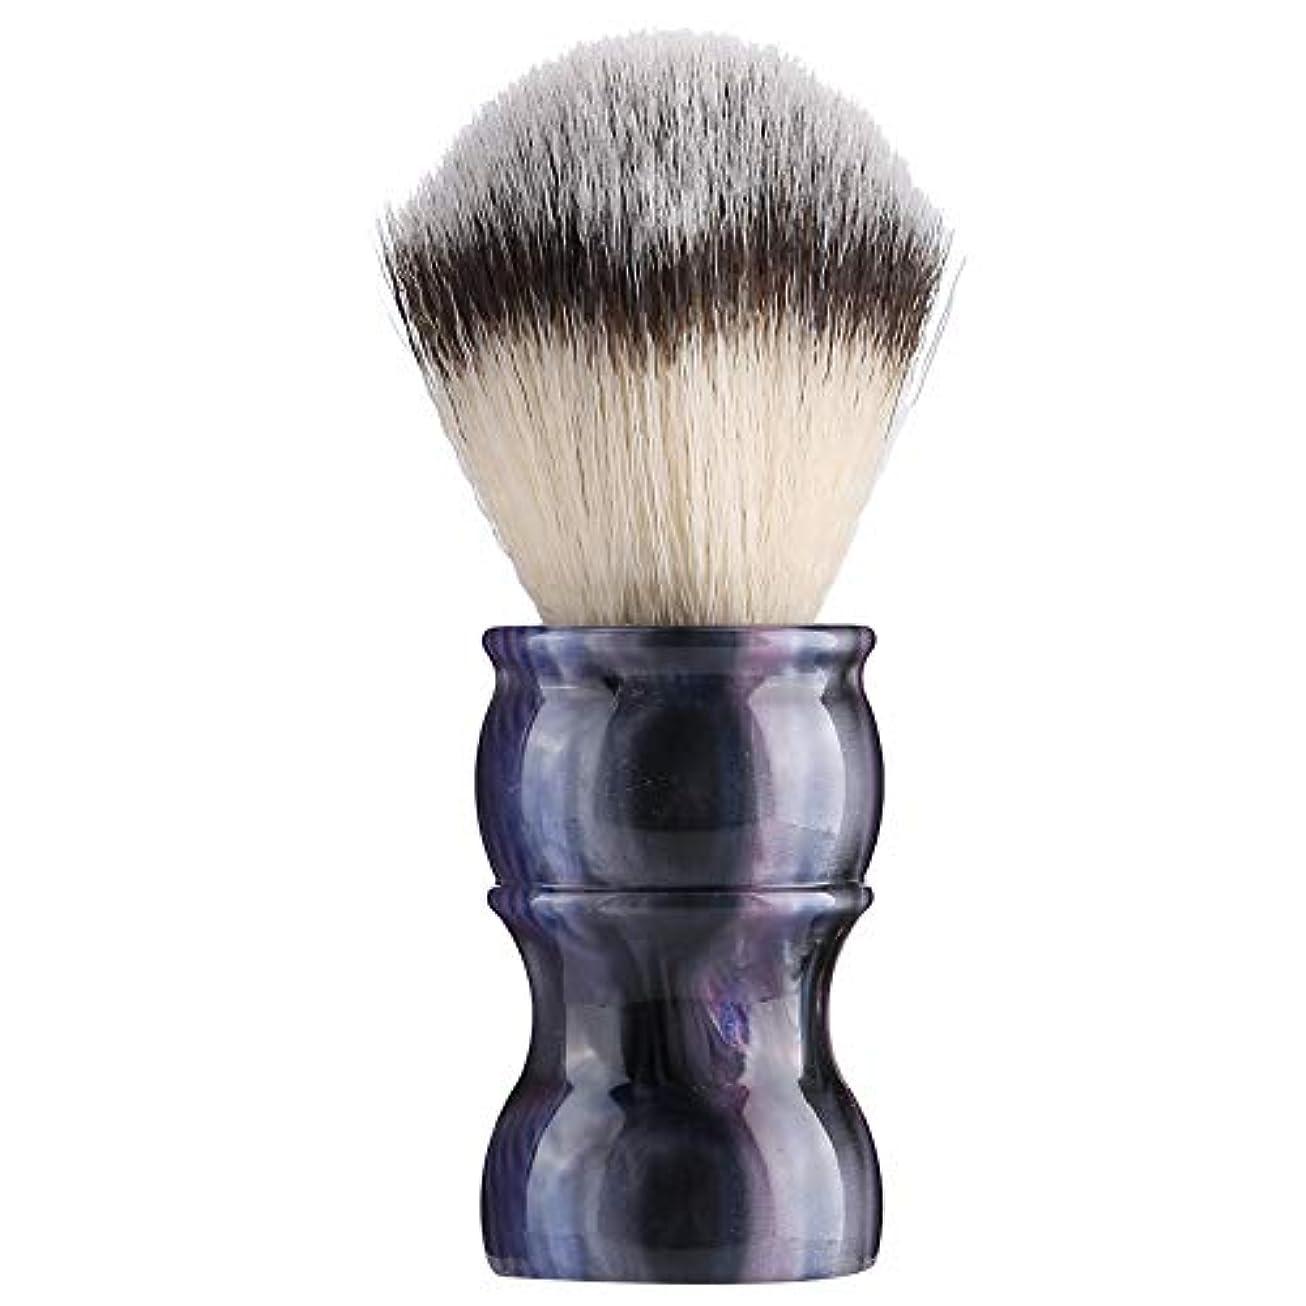 シプリー概して側面専門の手動ひげの剃るブラシ、密集したナイロン毛のきれいな人の口ひげのブラシ家および旅行のための携帯用メンズひげのブラシ(#6)